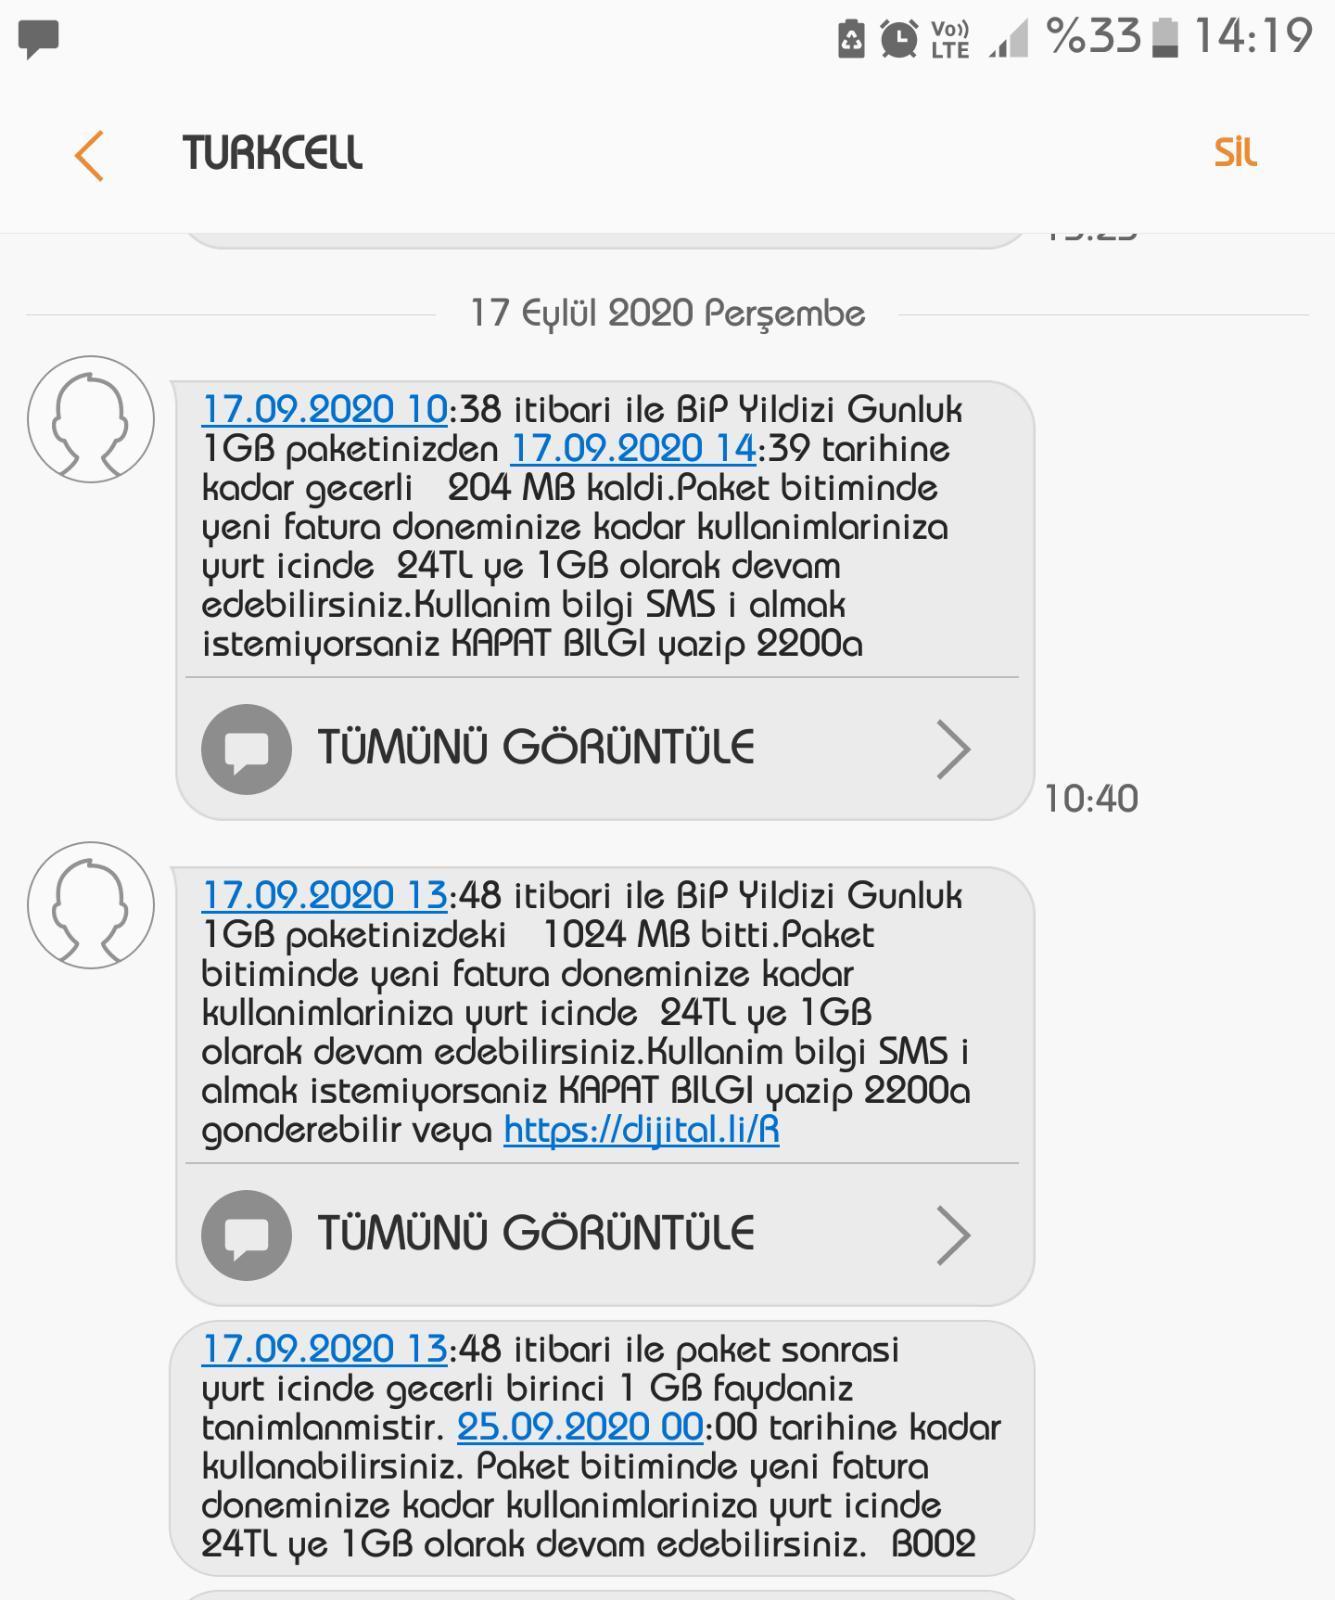 Turkcell İnternet Paketi Şikayetleri - Şikayetvar